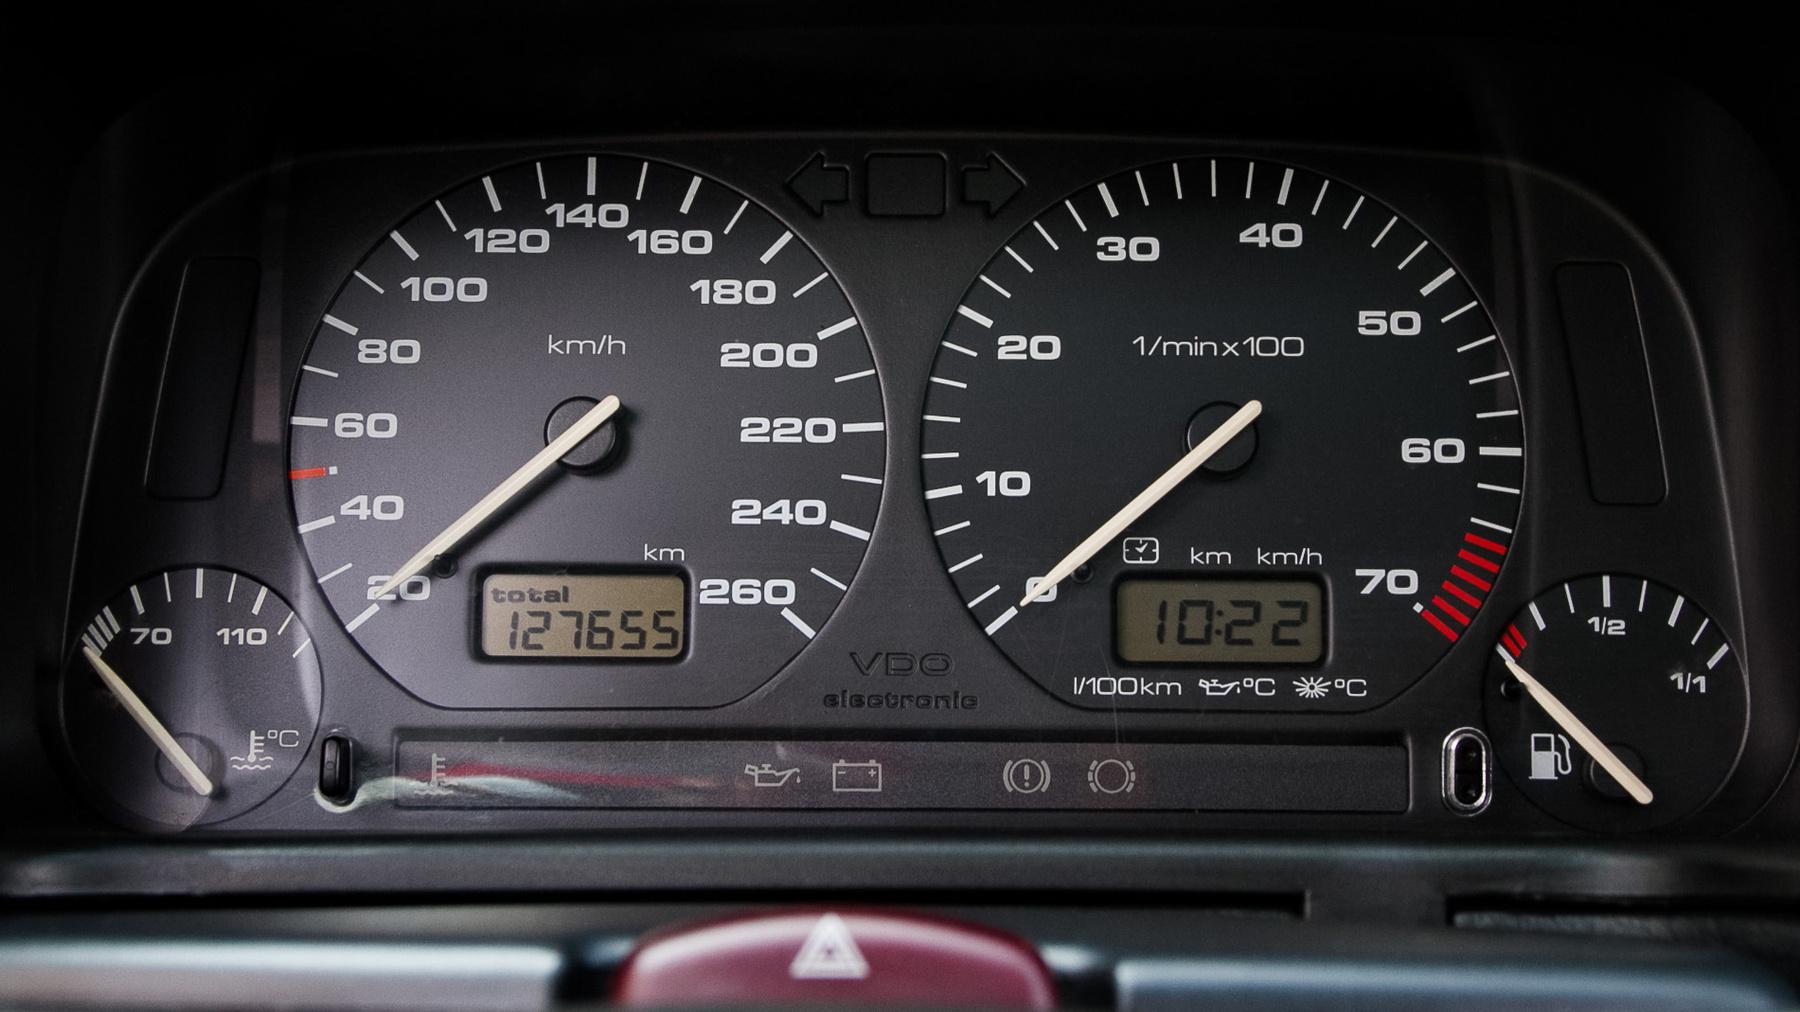 7,8 másodperc a nullaszáz, a végsebesség 240 kilométer per óra. A Syncro megfutja a 250-et. Kétszáz fölött azért nem szívesen mennék vele